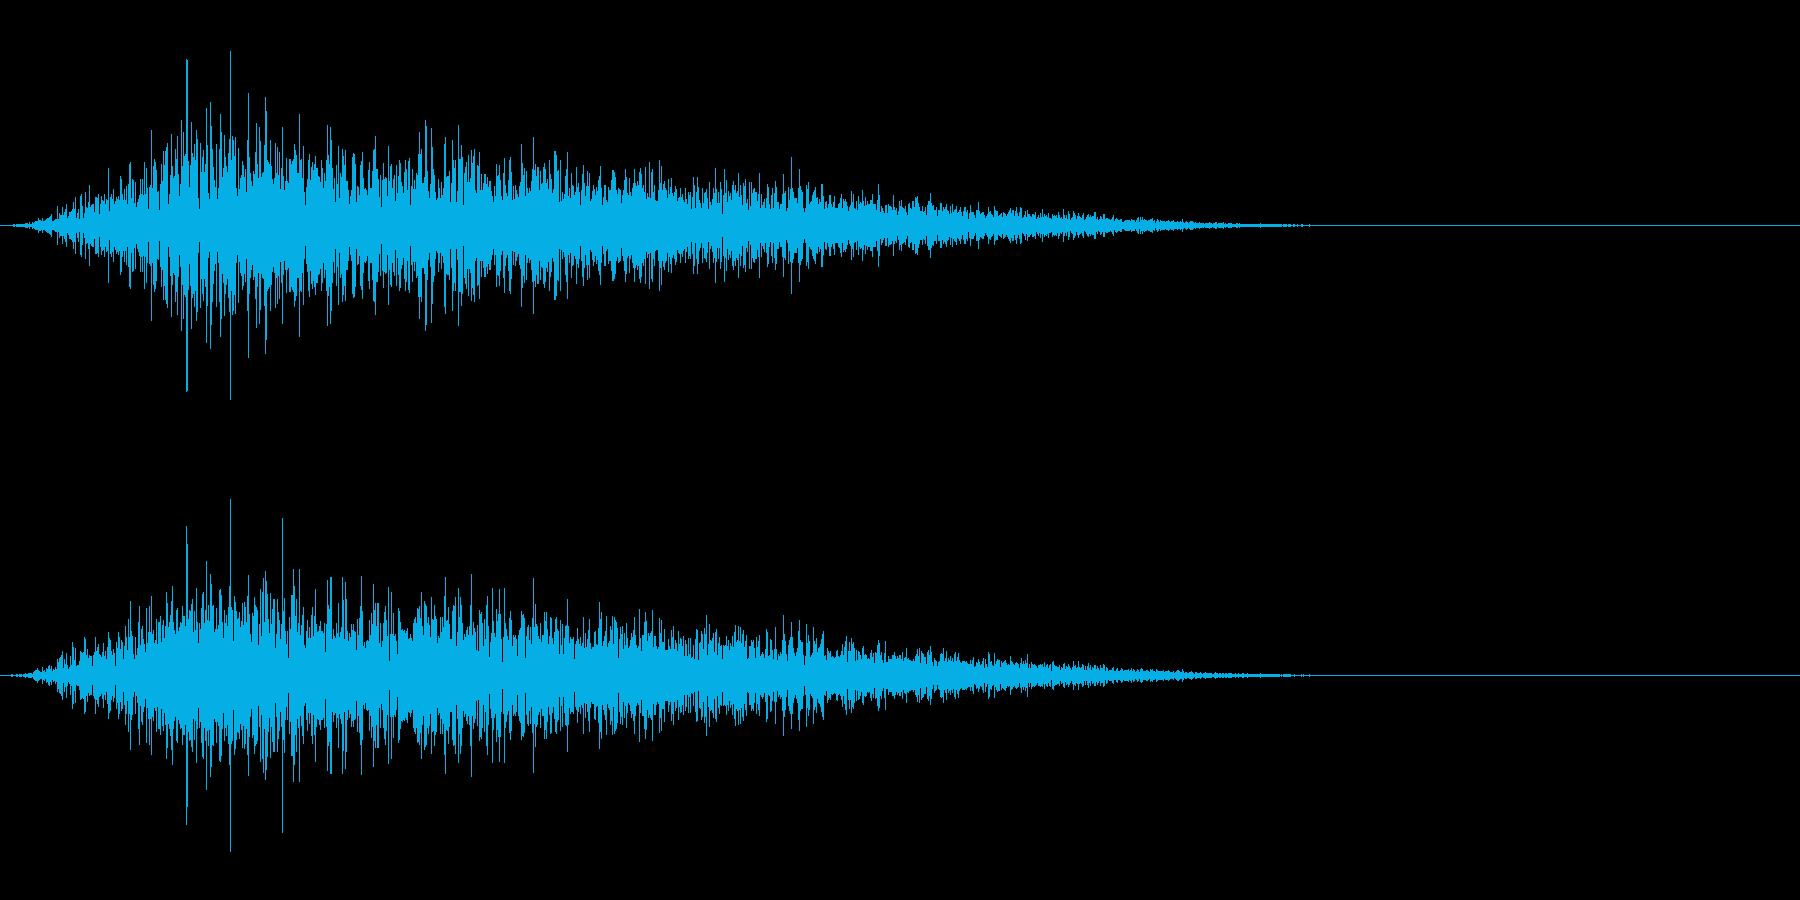 シュイーン(パワーアップ/レベルアップ)の再生済みの波形